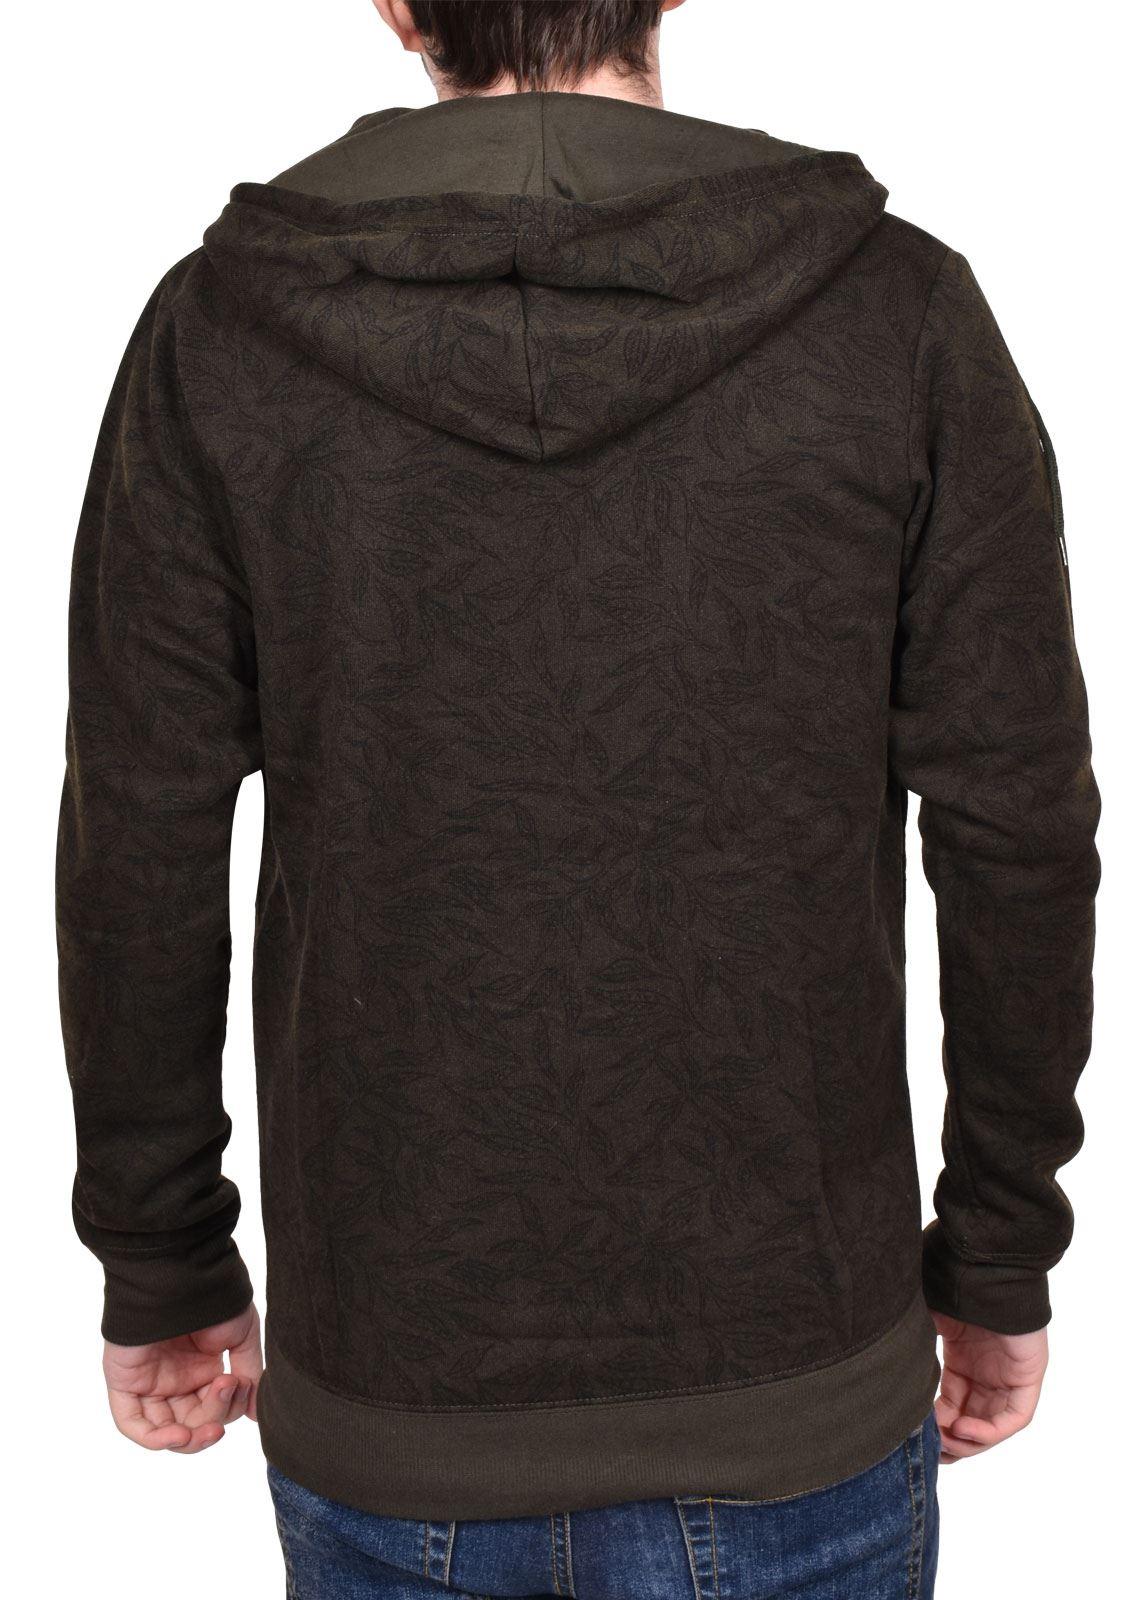 Mens Long Sleeve Hooded Hoodie Pullover Jumper Top BRAVE SOUL